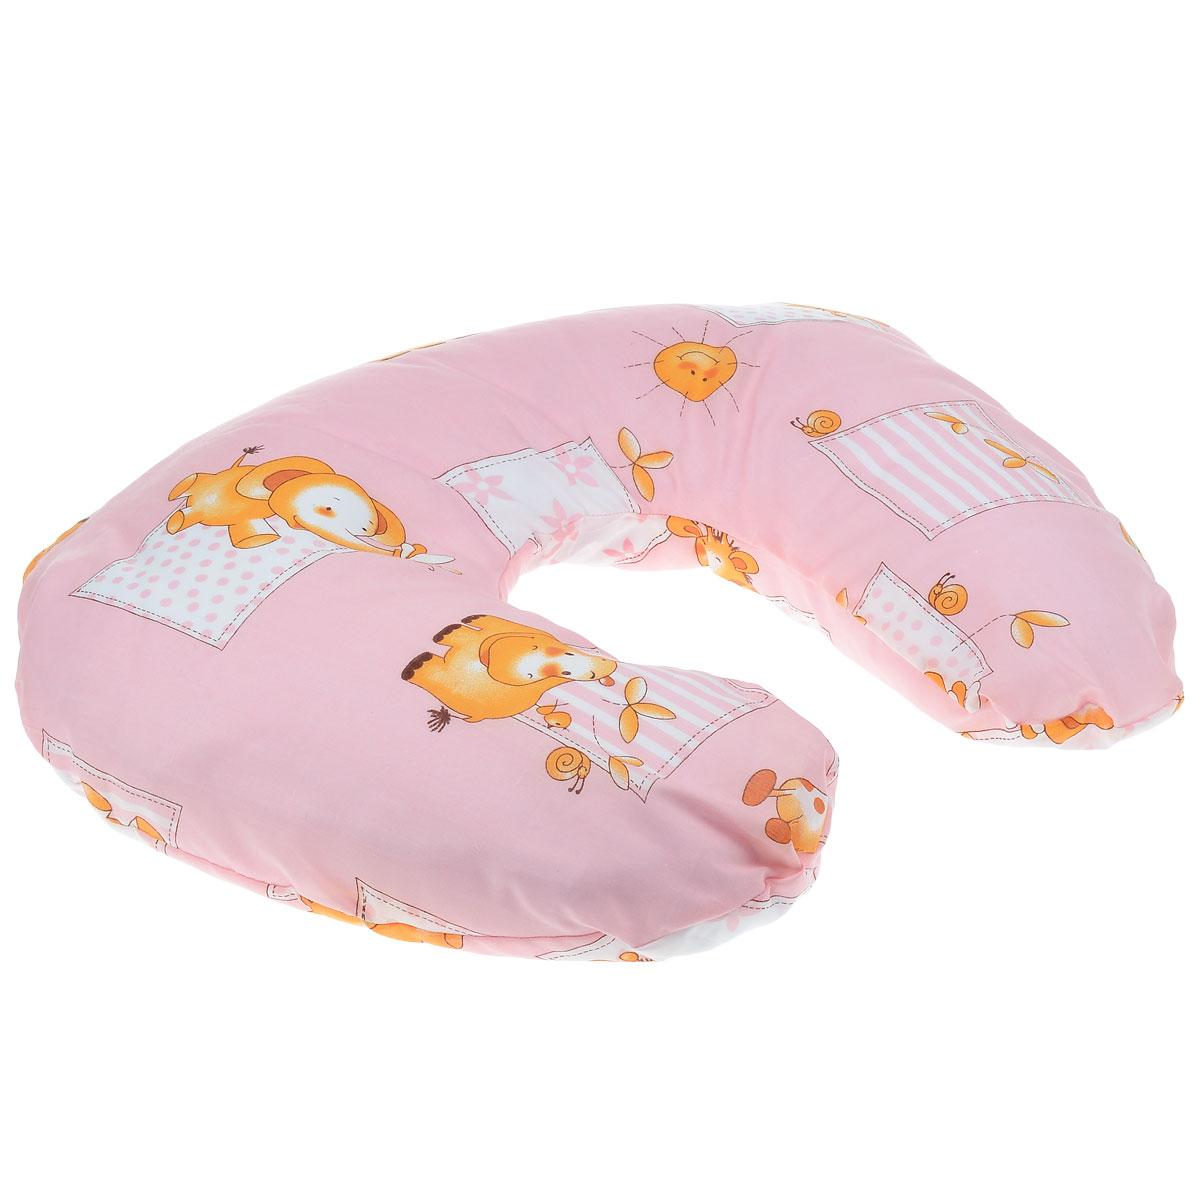 Selby Подушка для кормления цвет розовый 60 х 50 см5531п_розовый (жираф/бегемот)Удобная подушка Selby сделает процесс кормления максимально комфортным идля мамы и для малыша. Удобная форма подушки в виде подковы помогает занятькомфортное положение даже на длительный промежуток времени и расположитьребенка таким образом, чтобы обеспечить опору и избежать напряжения вмышцах. Подушка выполнена из экологически чистого и безопасного материала. Наволочкаизготовлена из 100% хлопка, в качестве наполнителя использованымикроскопические шарики полистирола, которые принимают форму тела. На такую подушку удобно класть ребенка во время кормления из бутылочки иложечки, а также при переодевании и просто для отдыха - ему будет уютно, как вгнездышке, и он никуда не скатится. Когда ребенок подрастет, он судовольствием будет сидеть и играть на этой подушке, как в кресле. Наволочку на застежке-молнии можно снимать и стирать.